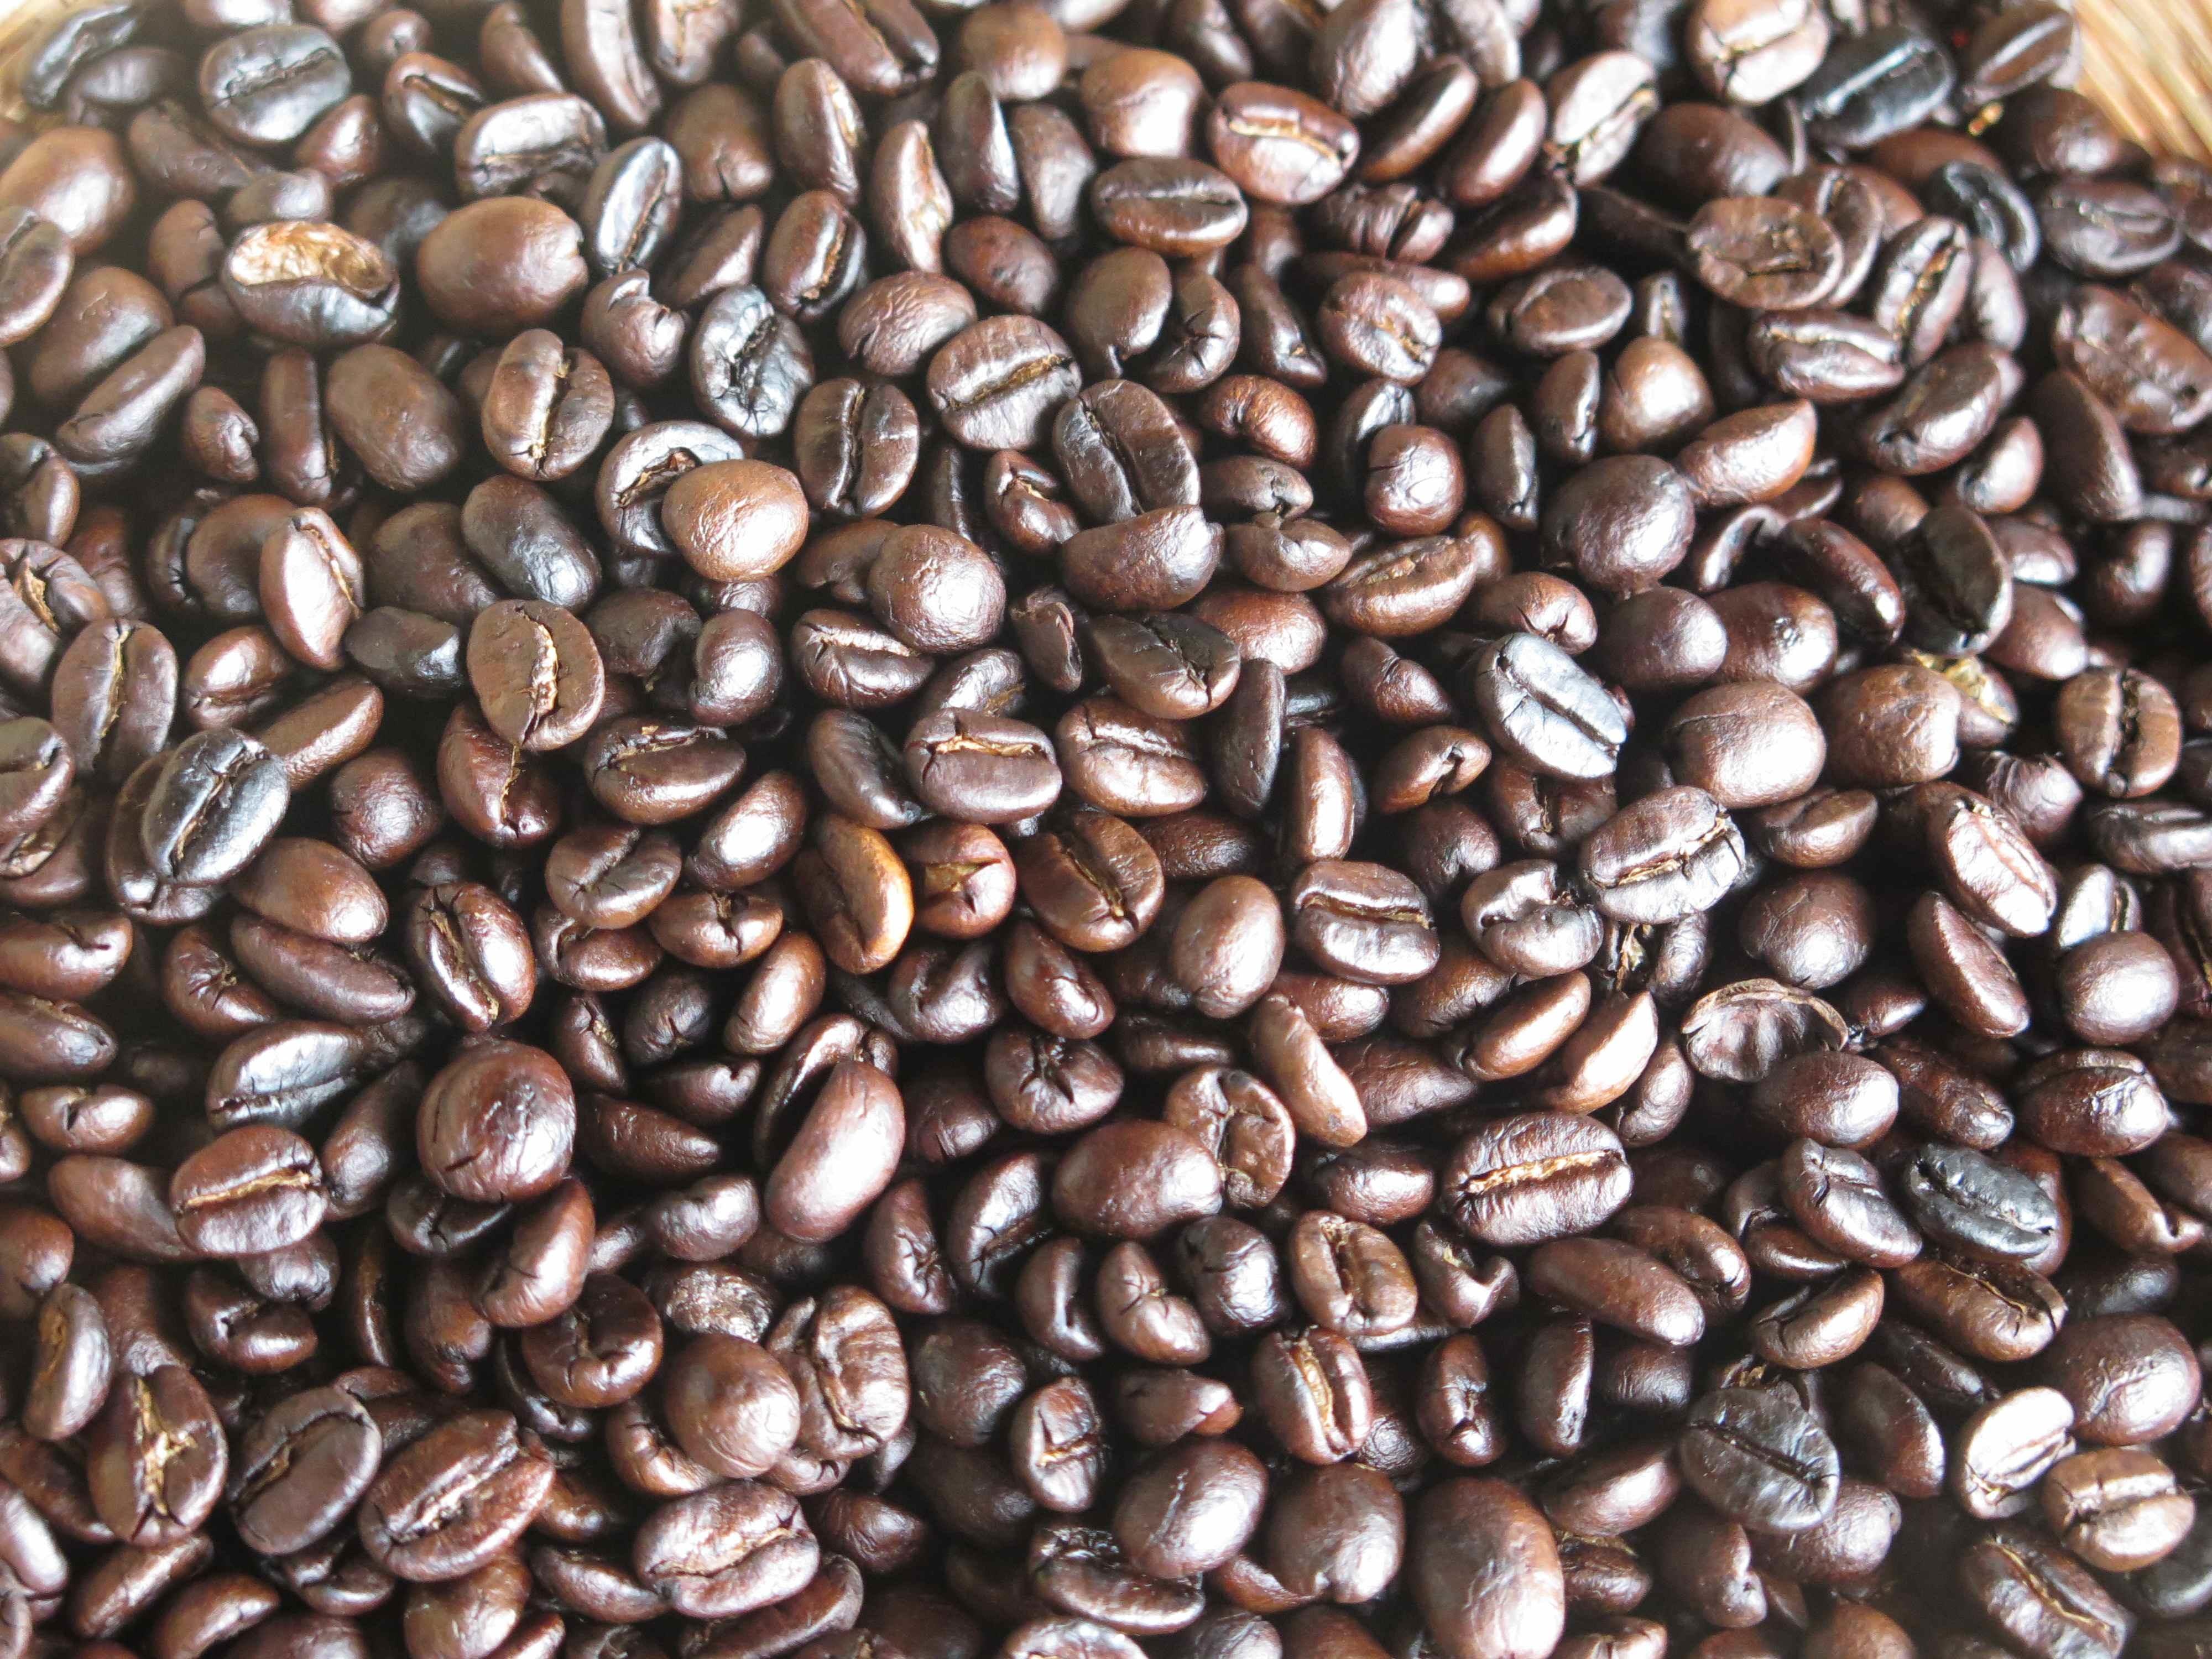 土鍋焙煎ニドムブレンドコーヒー豆 200g - 画像4